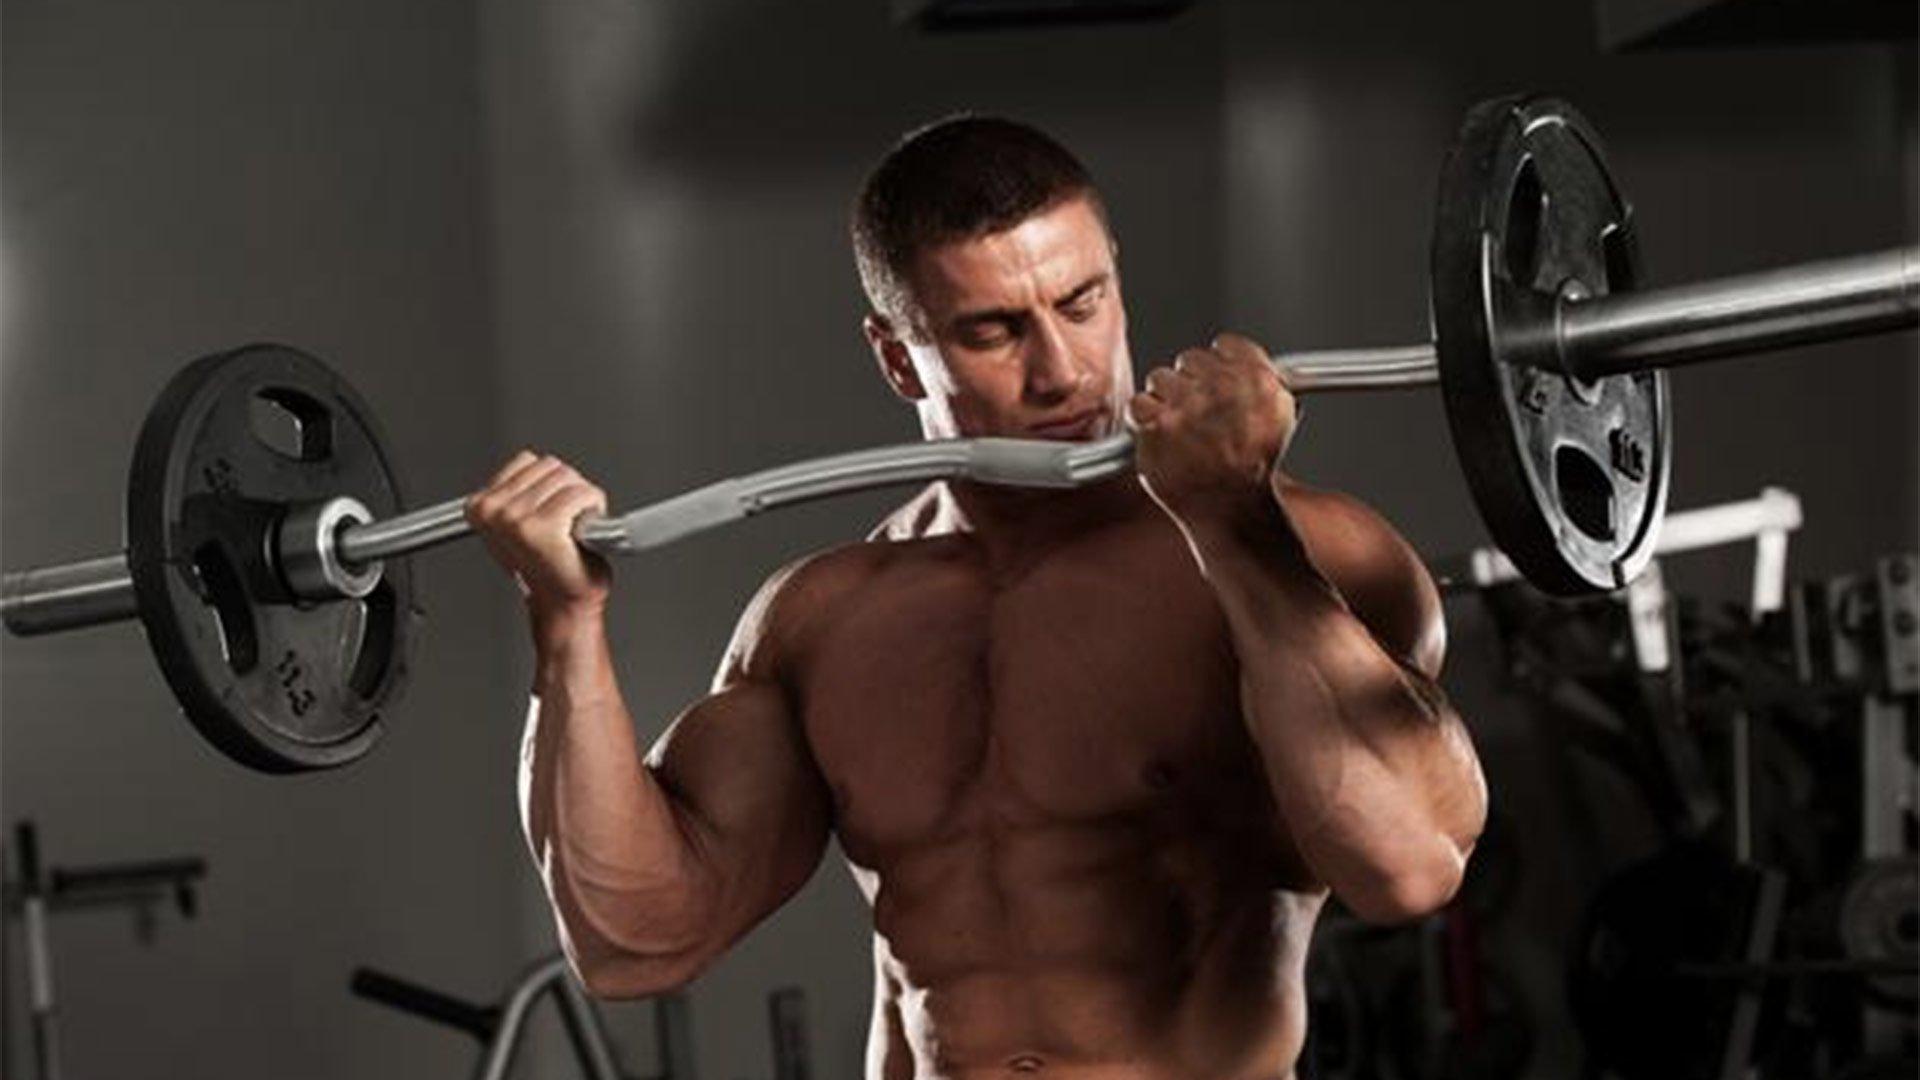 بالصور اجسام رياضية , اجمل الاجسام التي تمارس الرياضة 3353 8